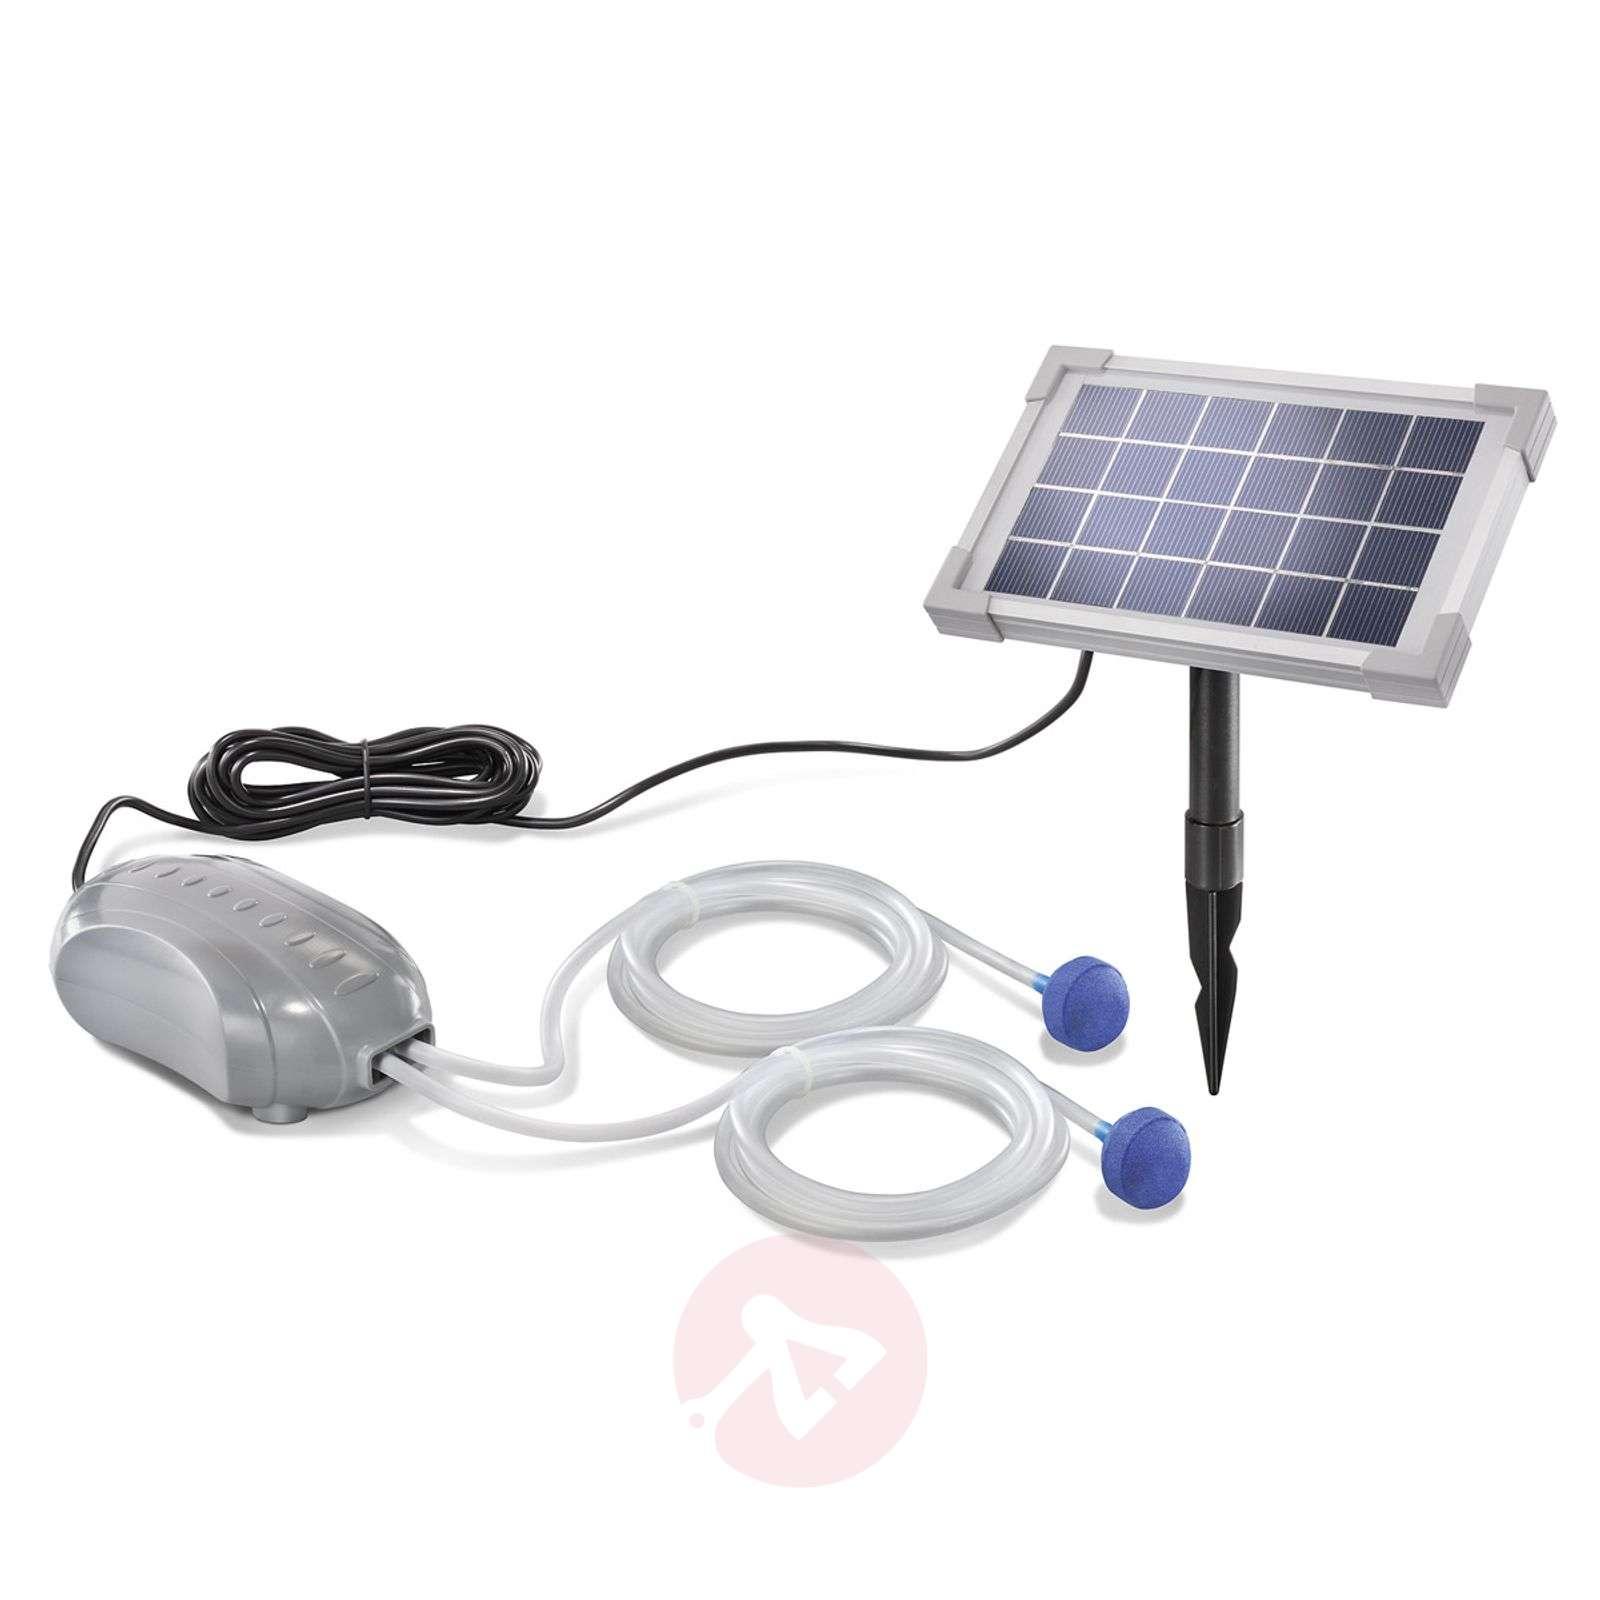 Duo Air – aurinkokäyttöinen lampi-ilmastin-3012249-01